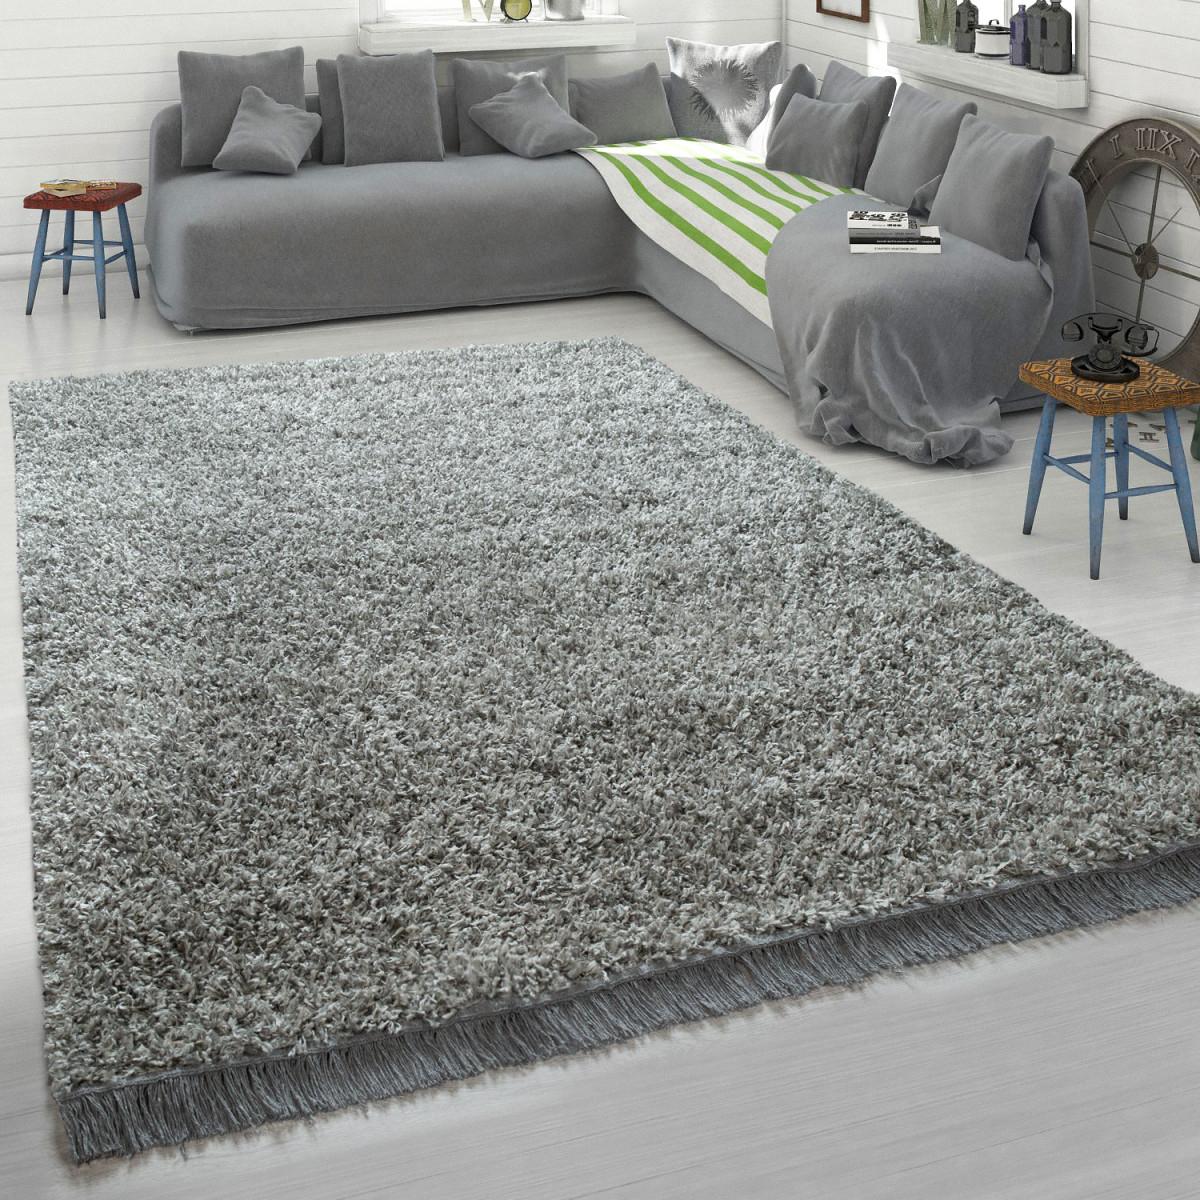 Grauer Teppich Wohnzimmer Hochflor Shaggy Weich Robust Strapazierfähig  Kuschelig von Teppich Für Wohnzimmer Bild